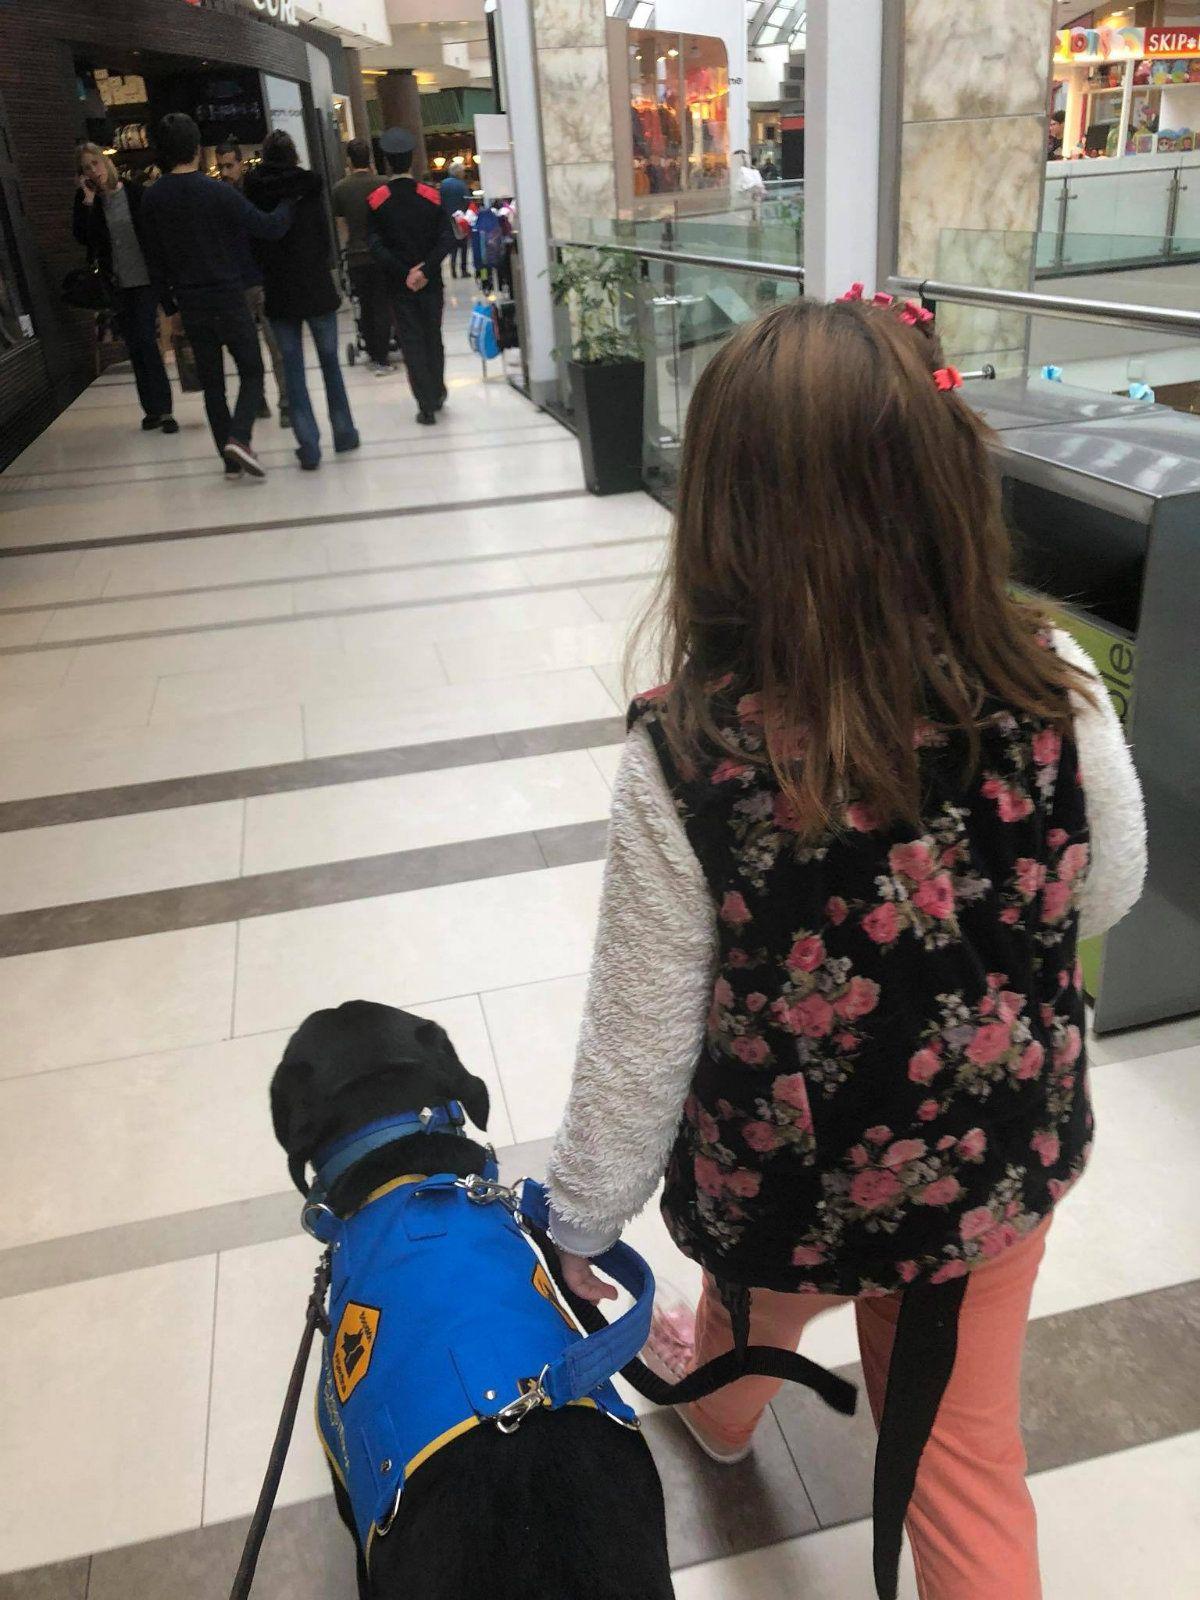 El perro de Lola siempre anda con su peto para que lo identifiquen como animal de servicio